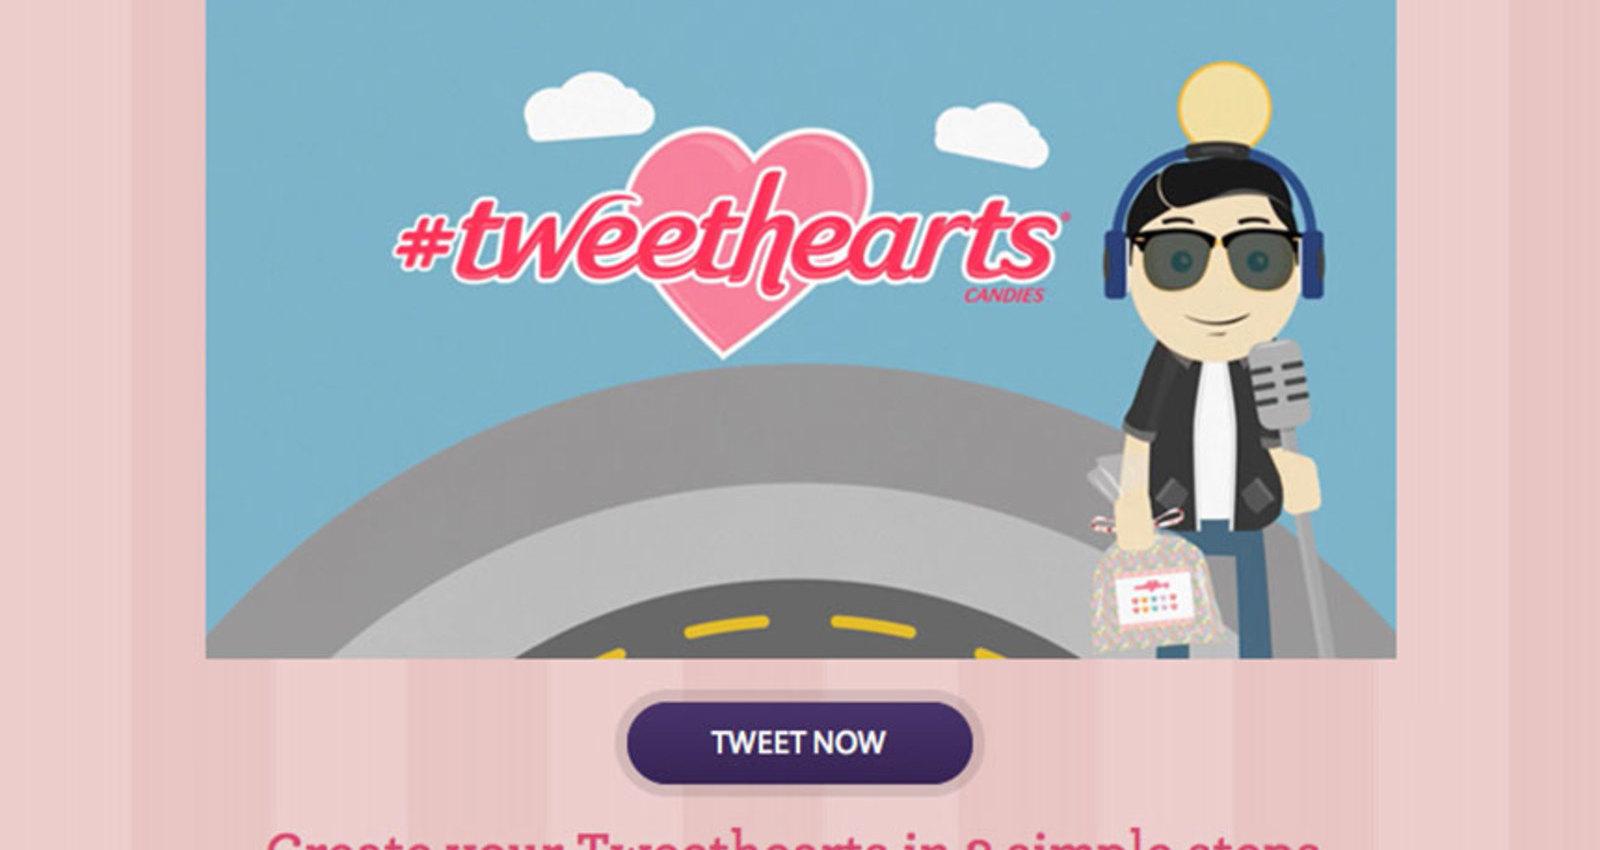 #Tweethearts